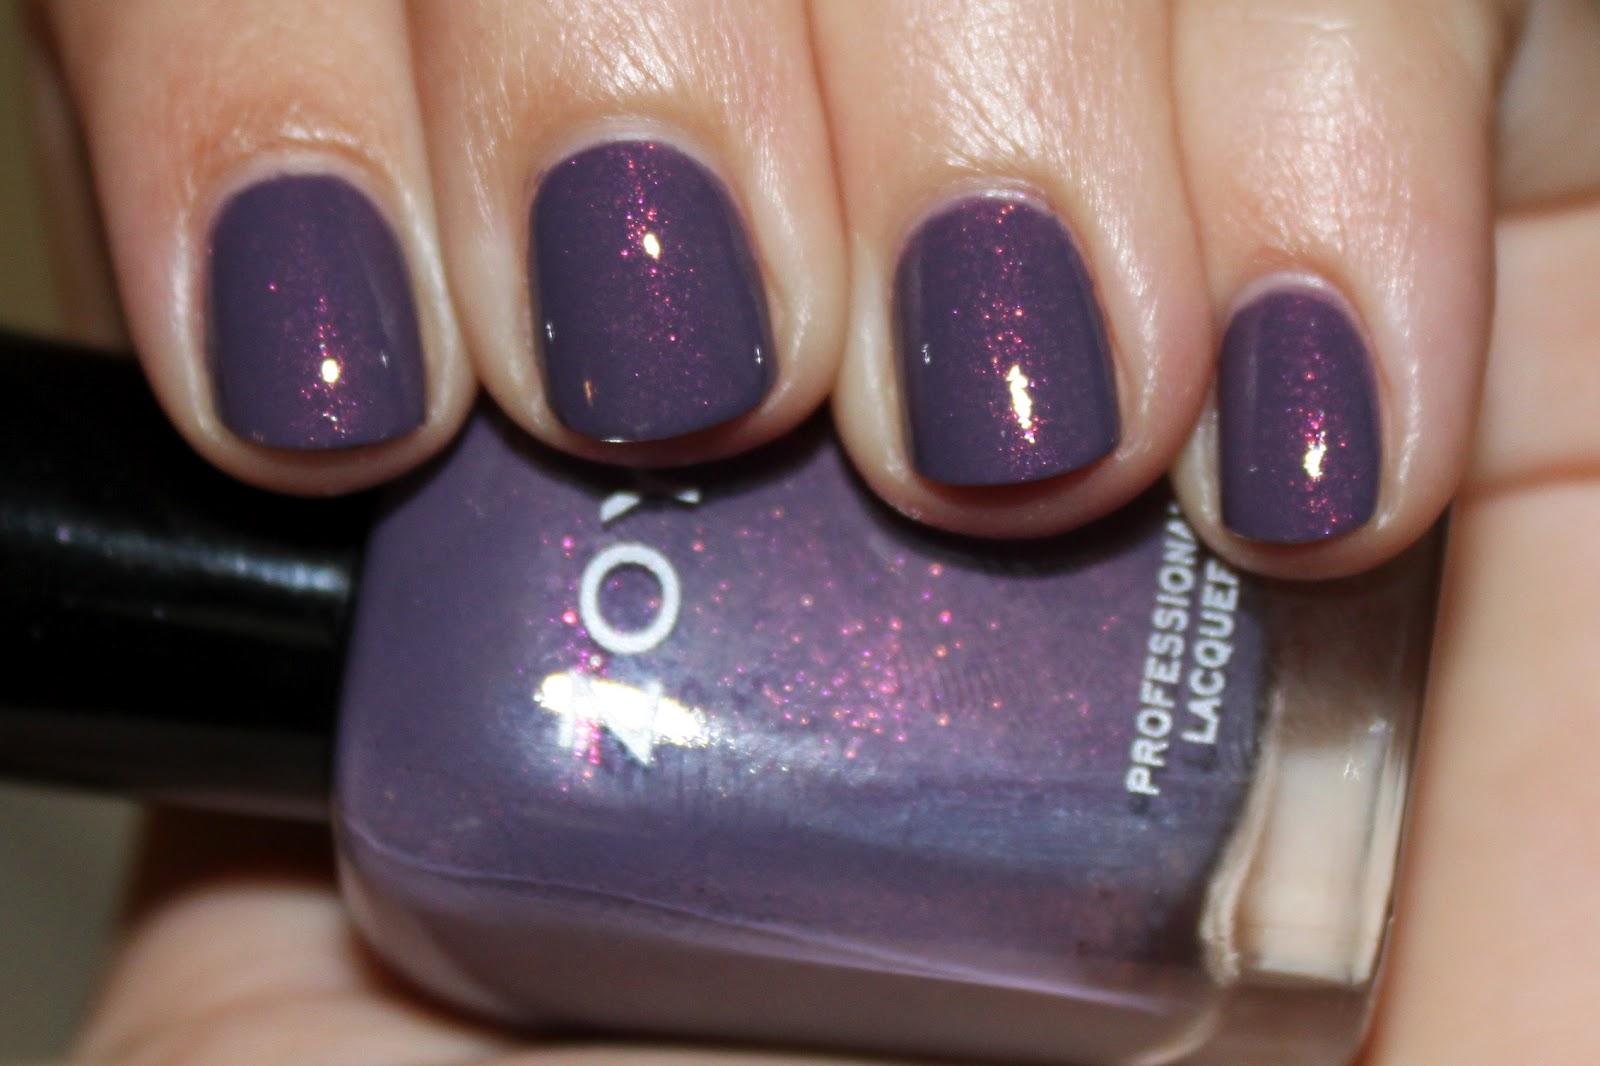 Nubbin Nails: Zoya Lotus + BL No More Waity Katie